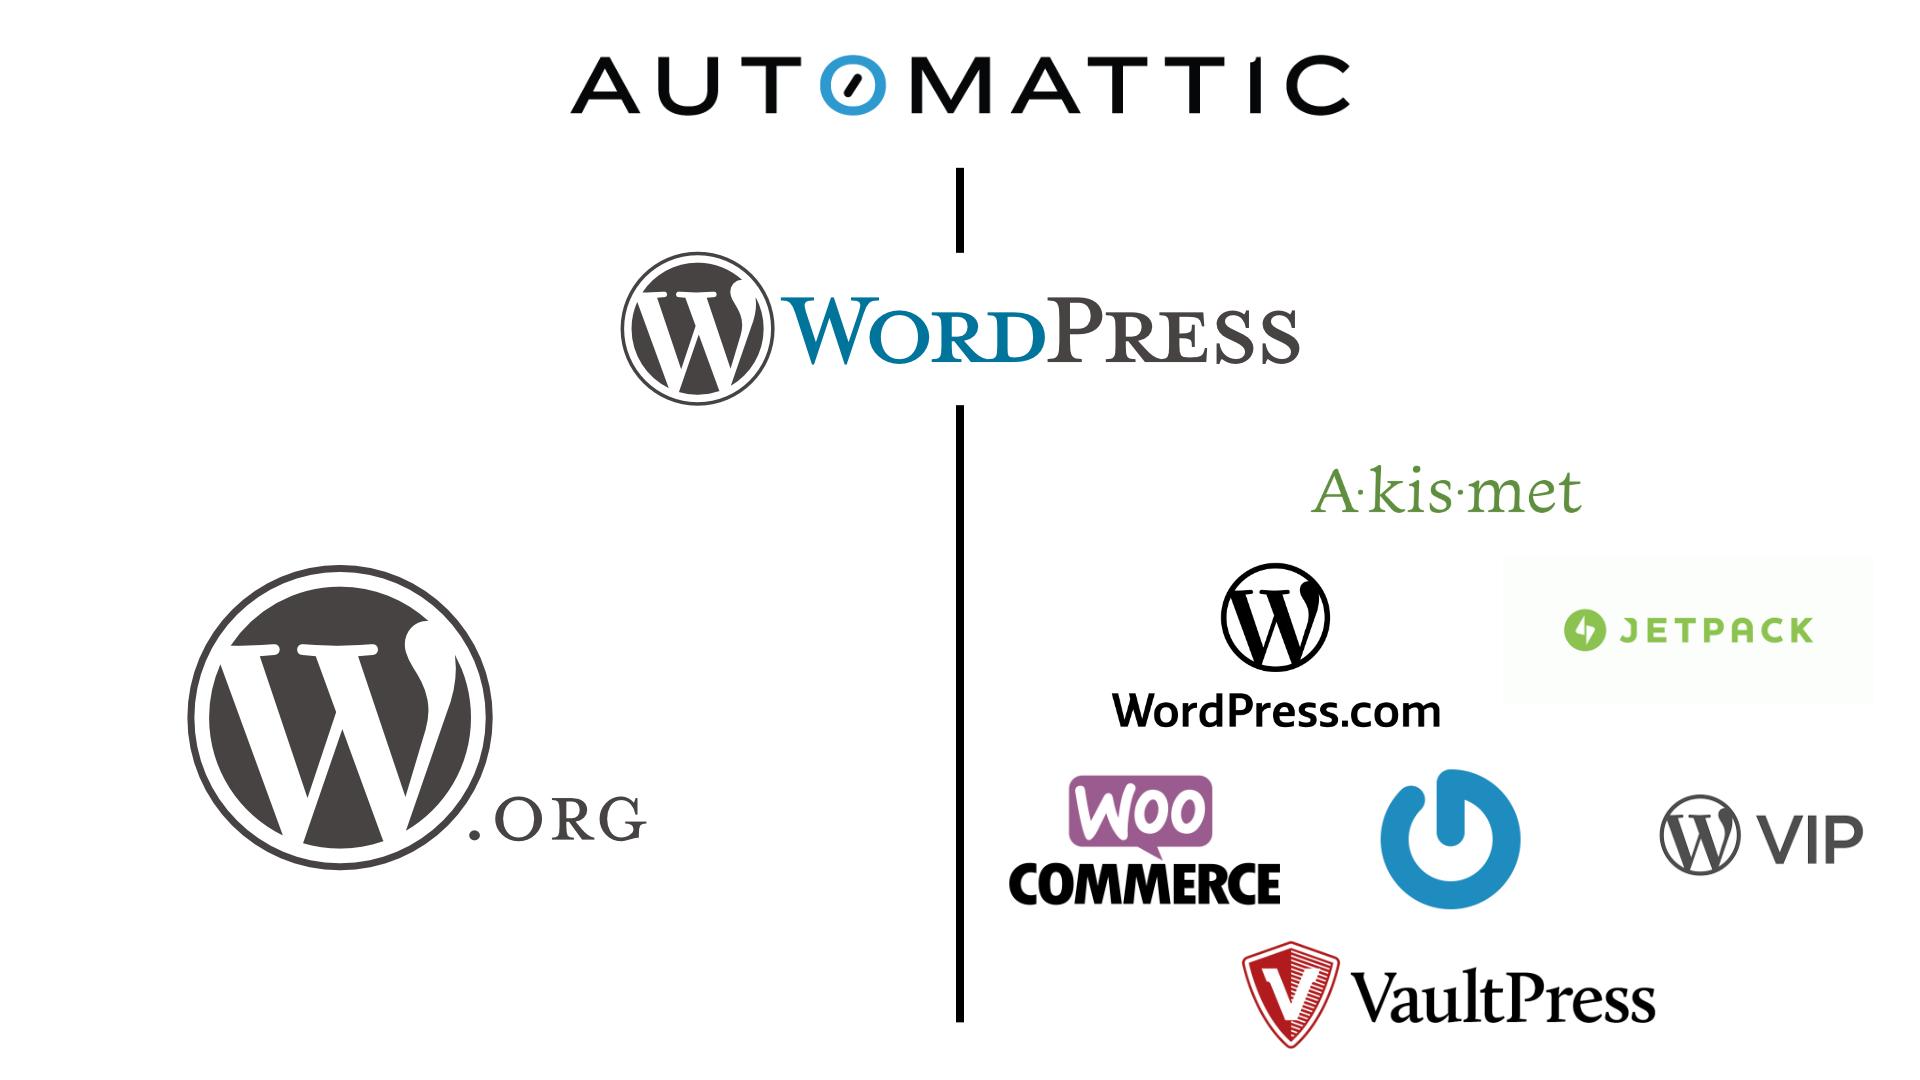 img_slide/automattic-business-model.jpg